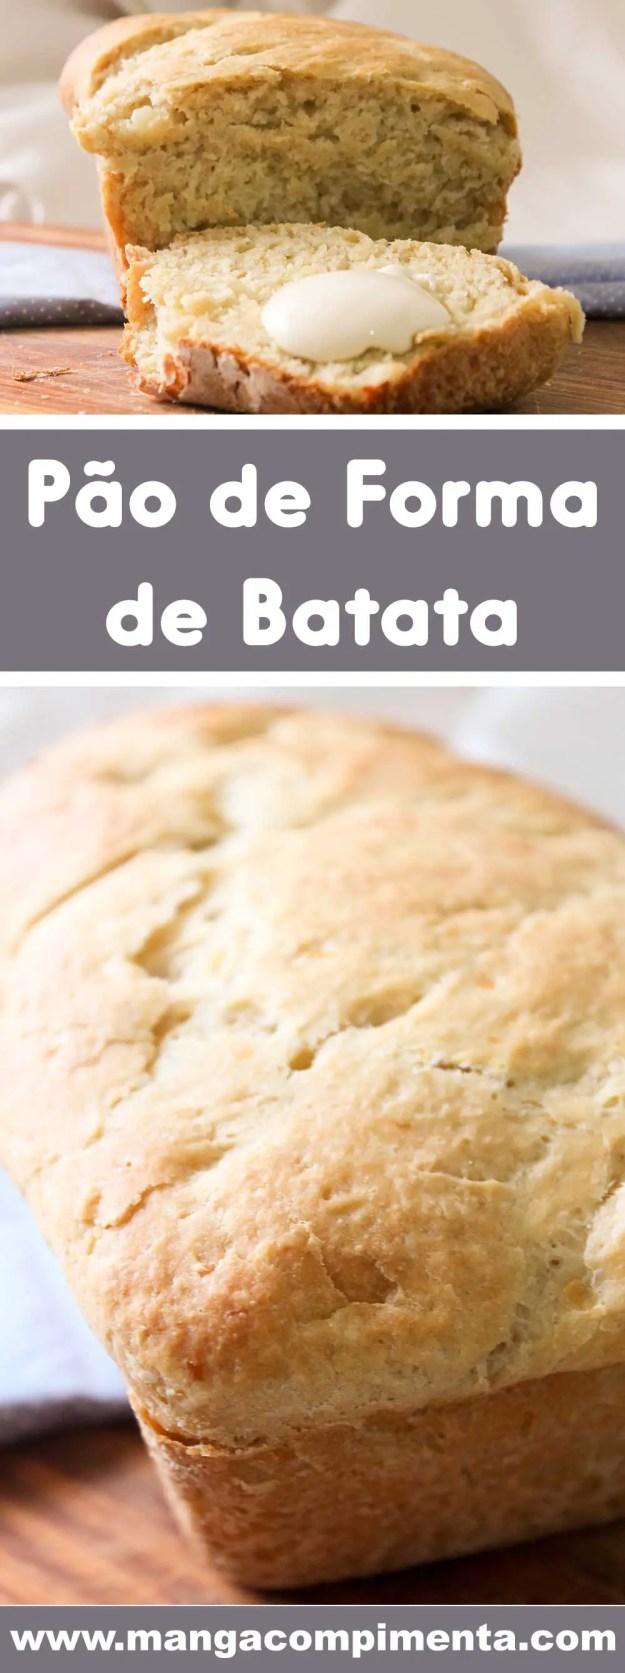 Receita de Pão de Forma de Batata - para servir no café da manhã ou lanche da tarde.